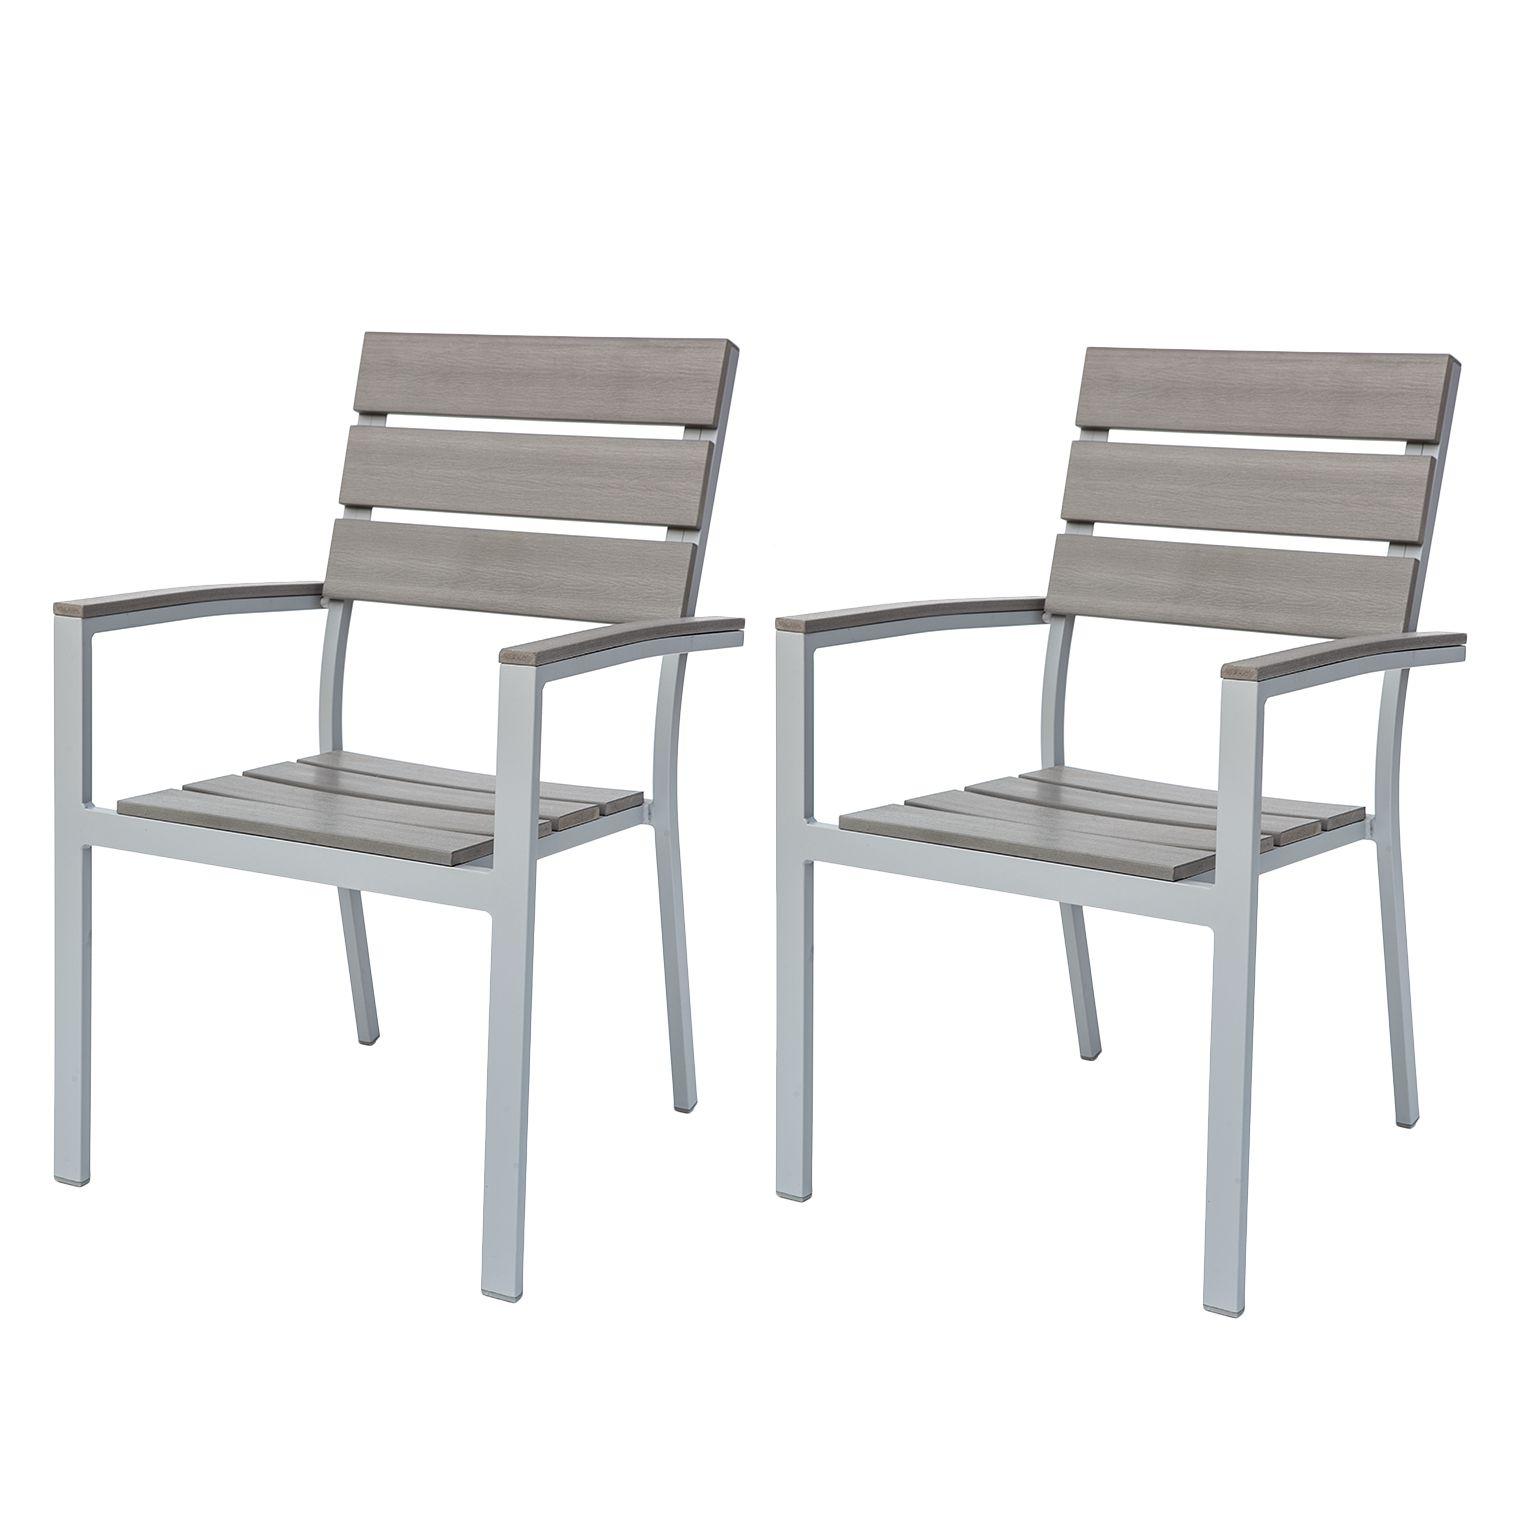 25 sparen gartenstuhl kudo iv 2er set nur 149 99 cherry m bel home24. Black Bedroom Furniture Sets. Home Design Ideas